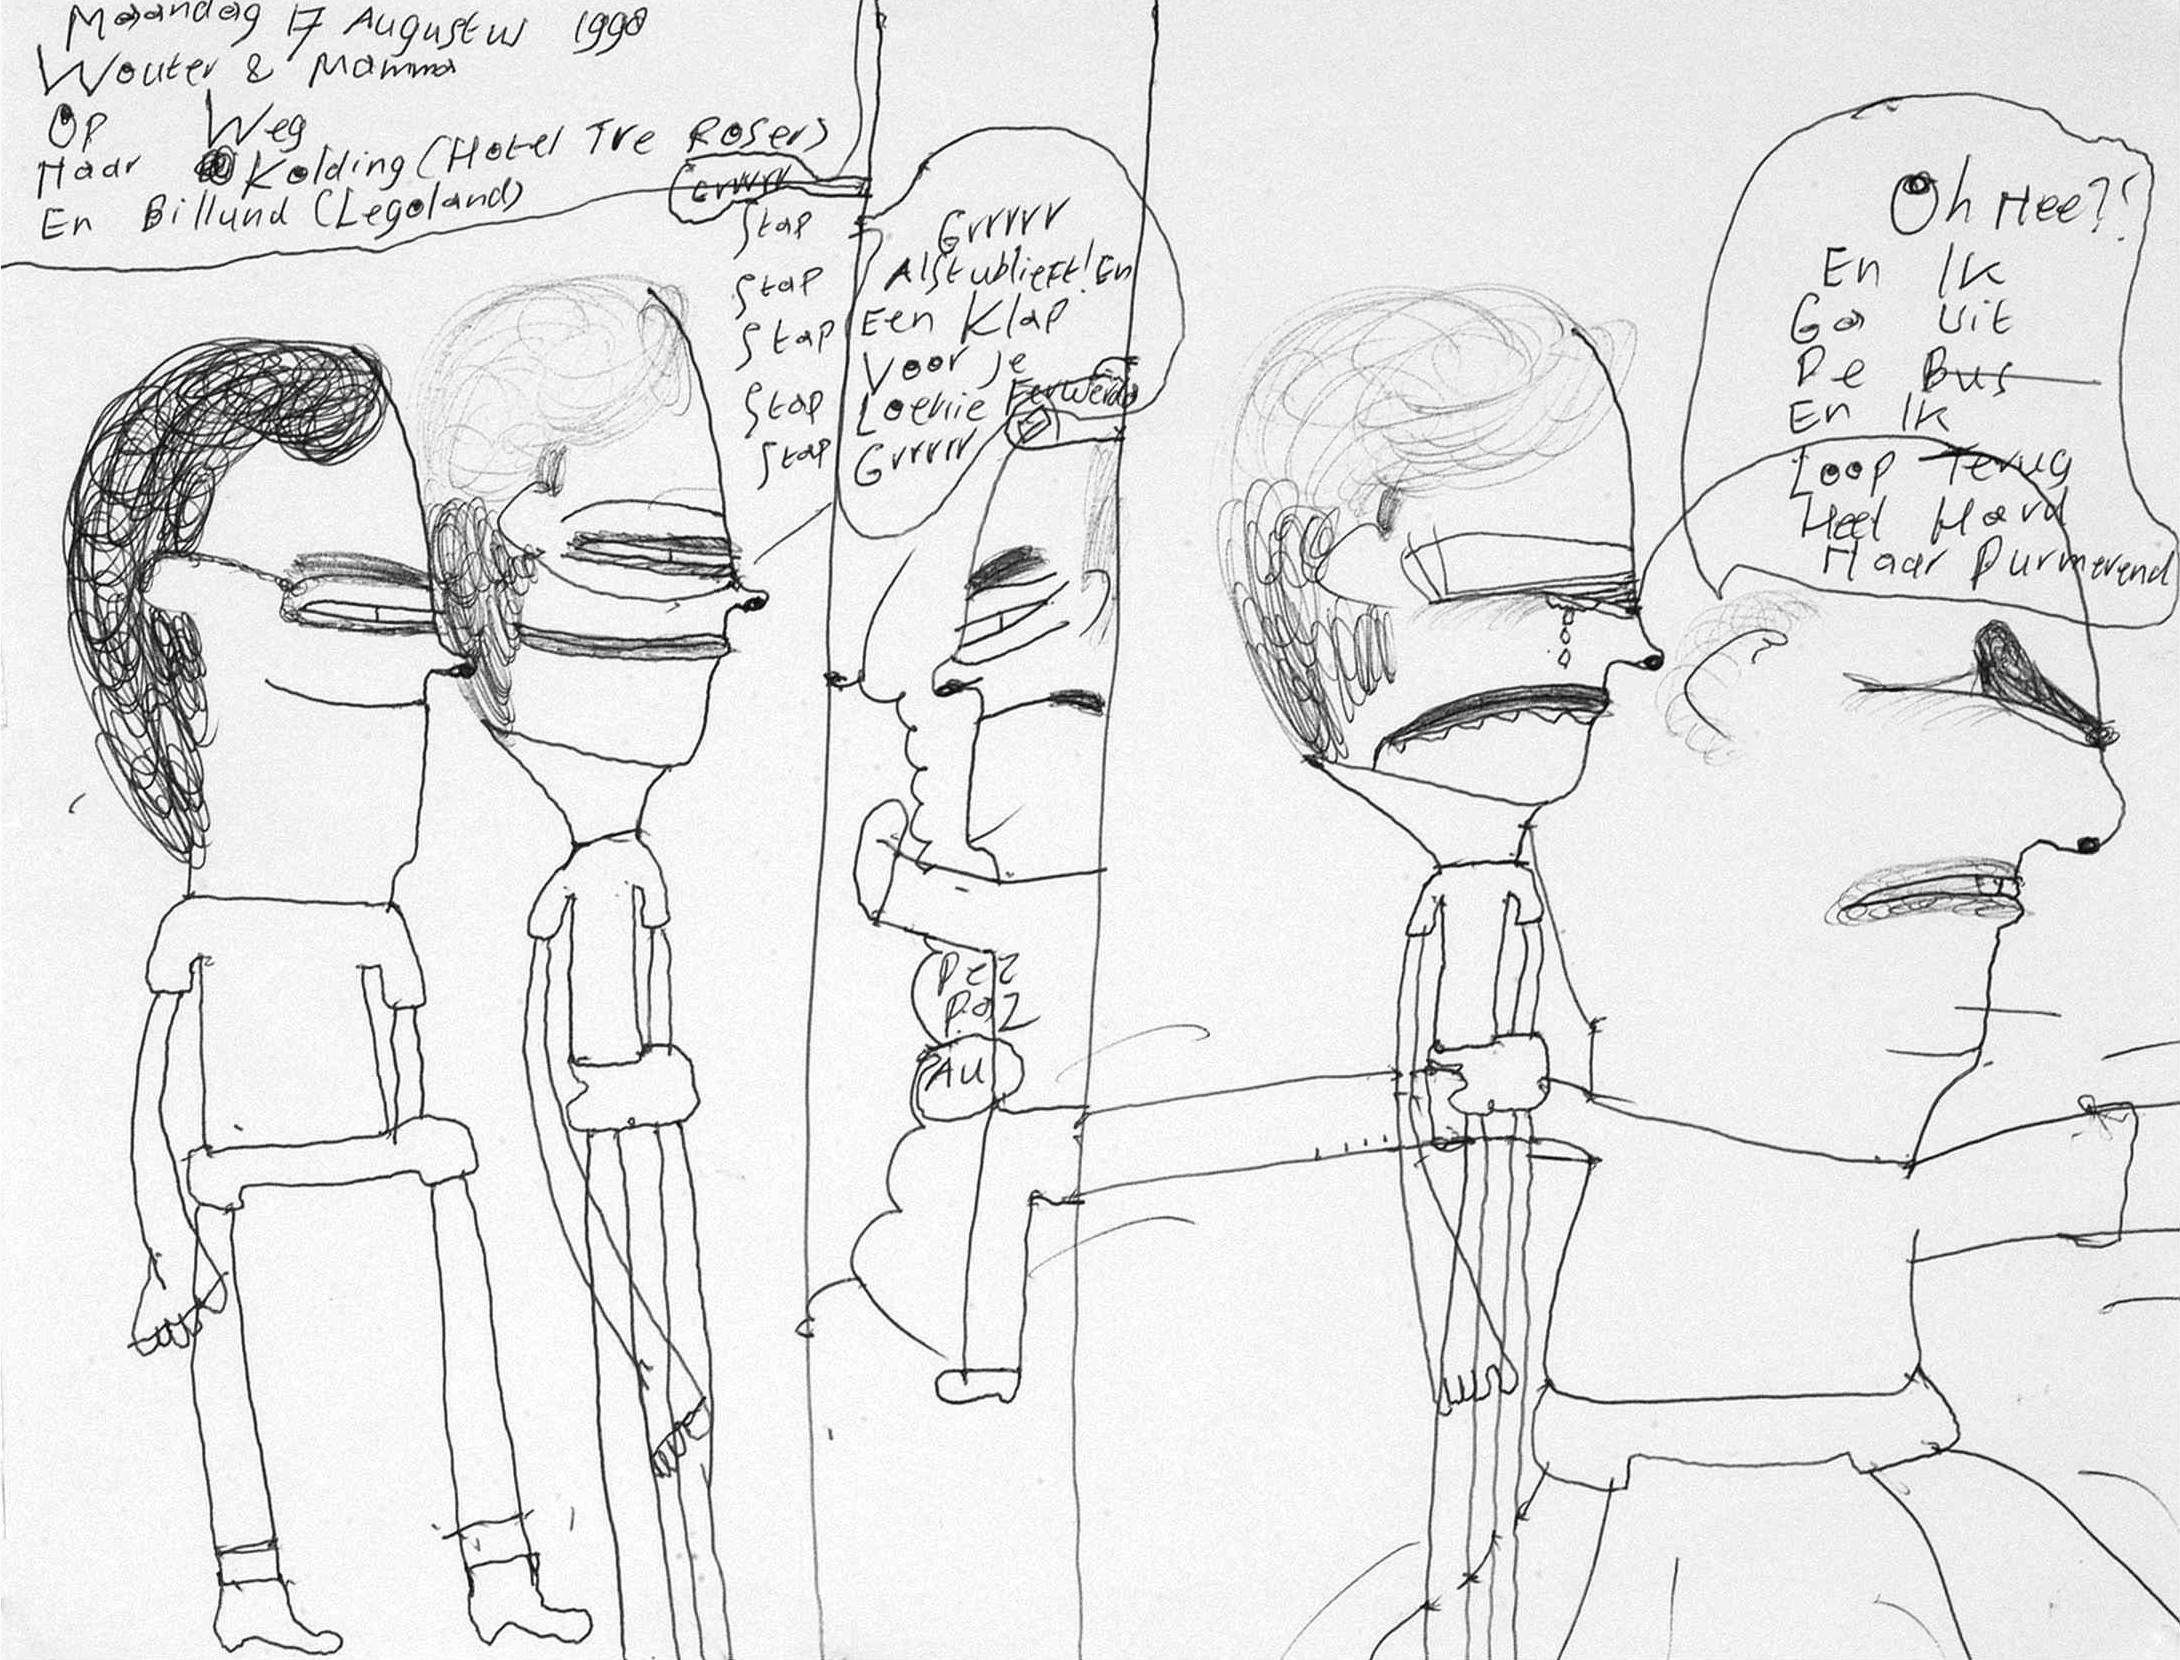 Wouter Coumou, Sans titre, feutre sur papier, vers 2000, 21x29,6cm.